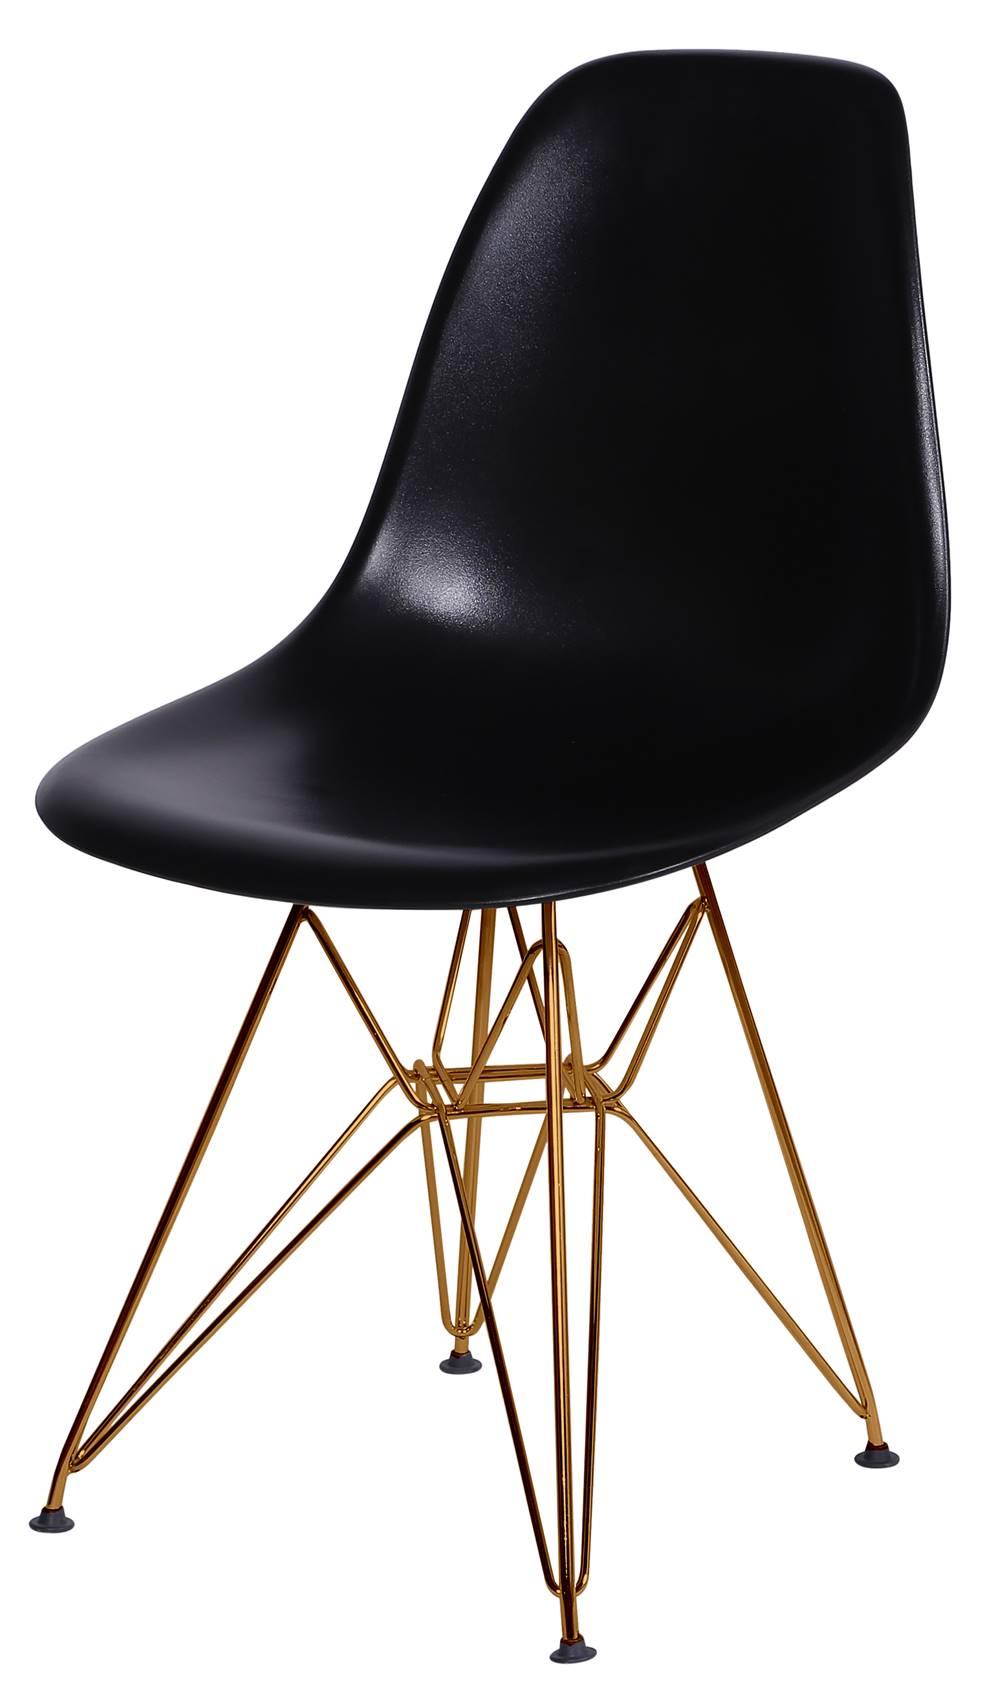 Cadeira Eames Polipropileno Preto Base Cobre - 45968